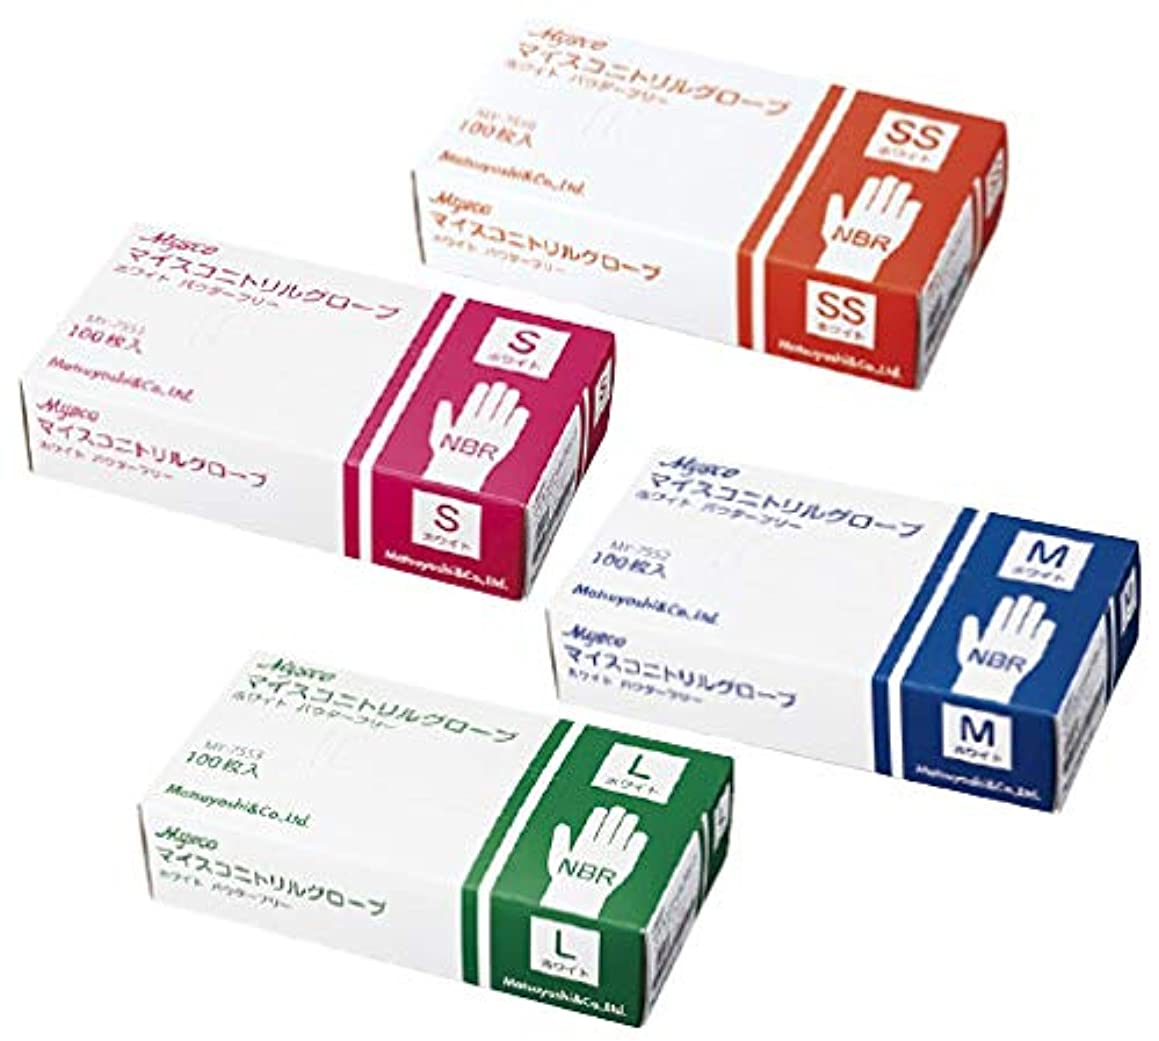 聞くトランスペアレント配当マイスコ ニトリルグローブ ホワイト 粉なし M 100枚入り 3箱